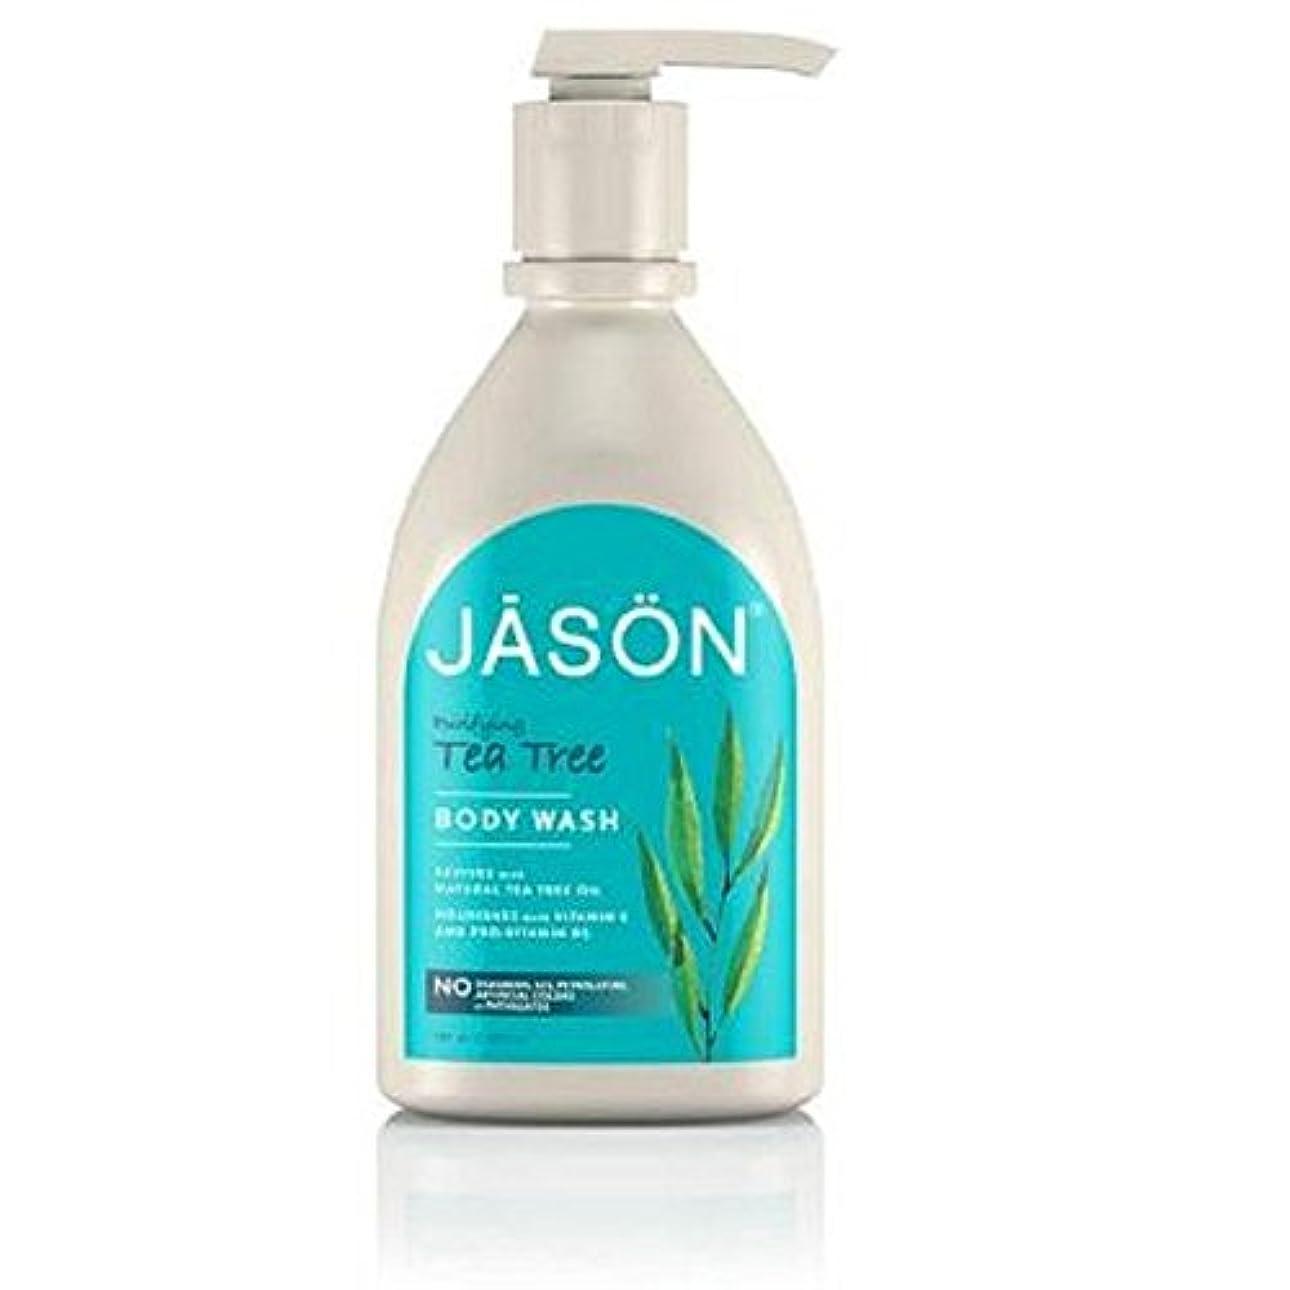 告発テメリティ対処するジェイソン?ティーツリーサテンボディウォッシュポンプ900ミリリットル x2 - Jason Tea Tree Satin Body Wash Pump 900ml (Pack of 2) [並行輸入品]